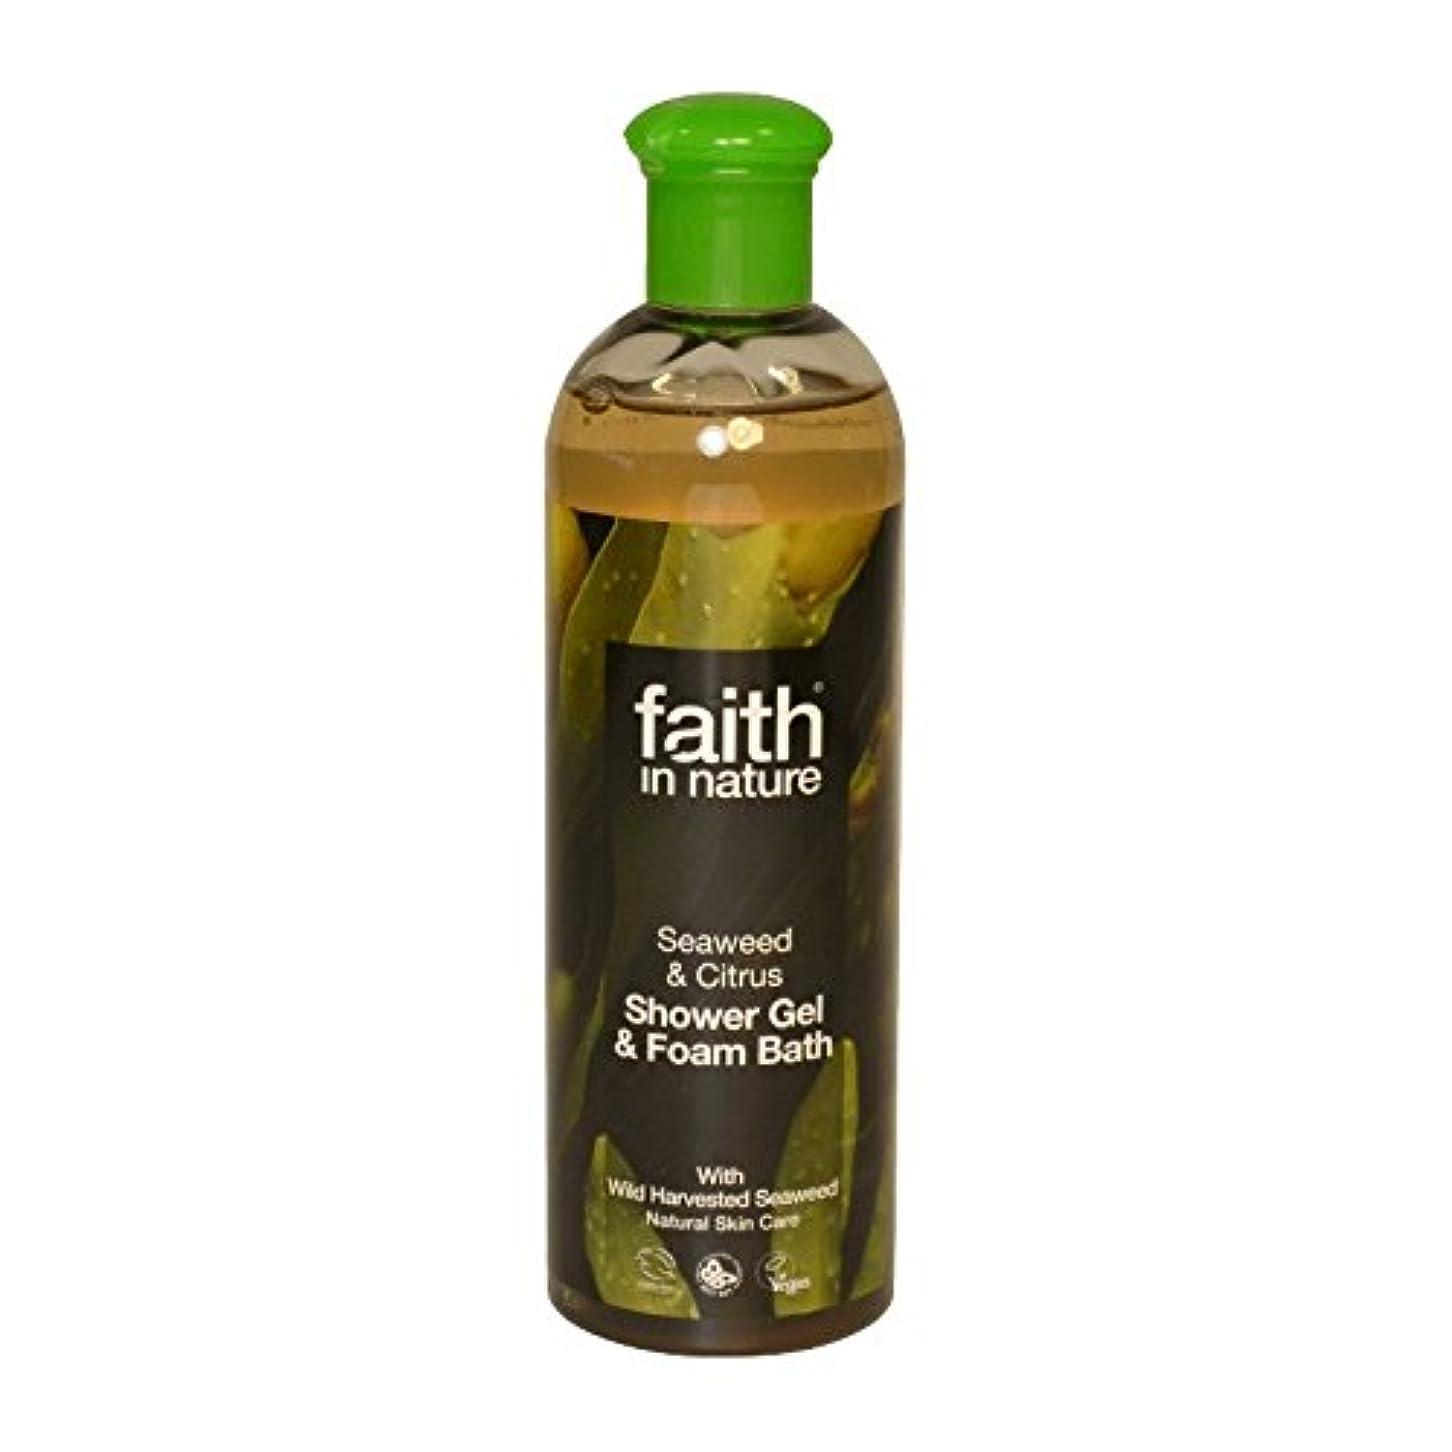 モーターコンサート参加するFaith in Nature Seaweed & Citrus Shower Gel & Bath Foam 400ml (Pack of 6) - 自然の海藻&シトラスシャワージェル&バス泡400ミリリットルの信仰 (x6) [並行輸入品]